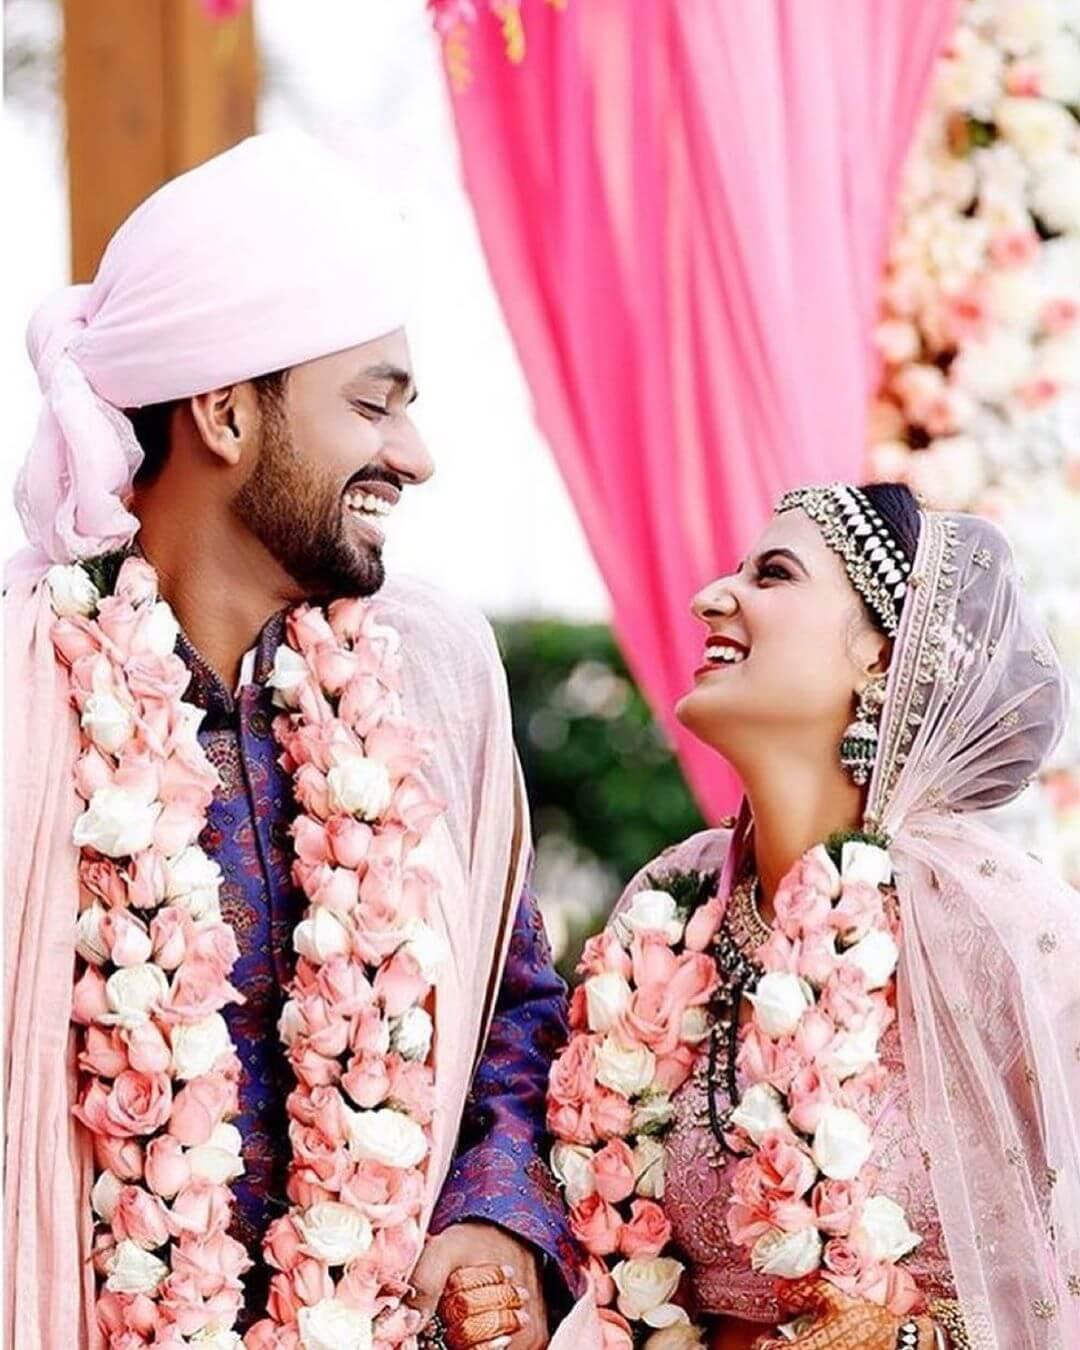 21 Ravishing Wedding Varmala Designs To Flaunt Gracefully This Wedding Season